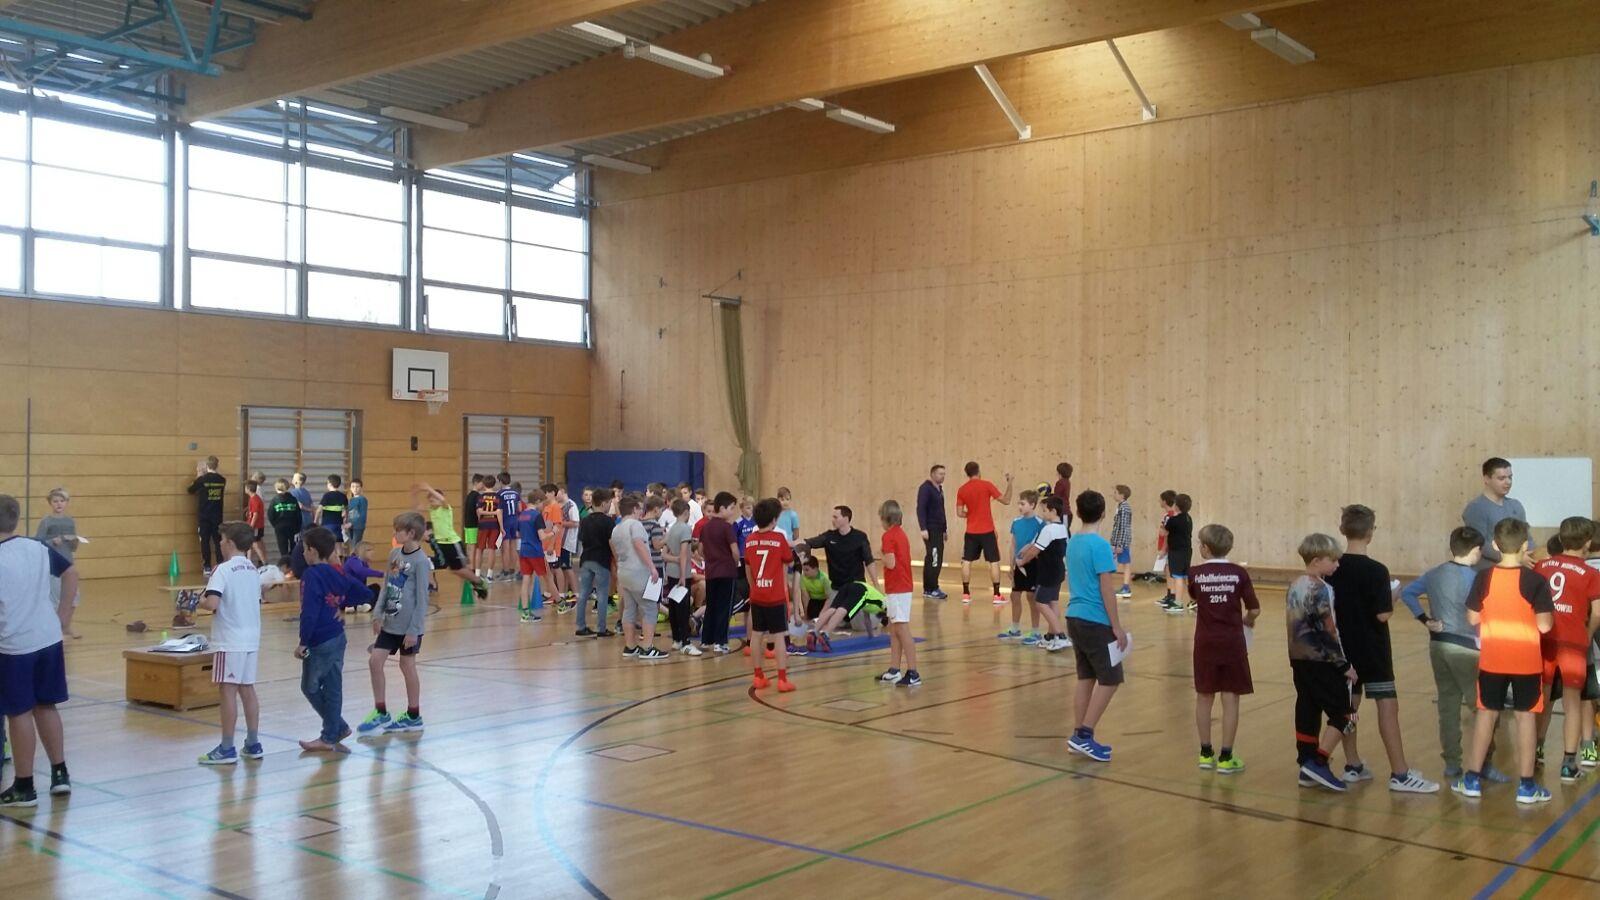 Volleyballsichtung in der Realschule Herrsching